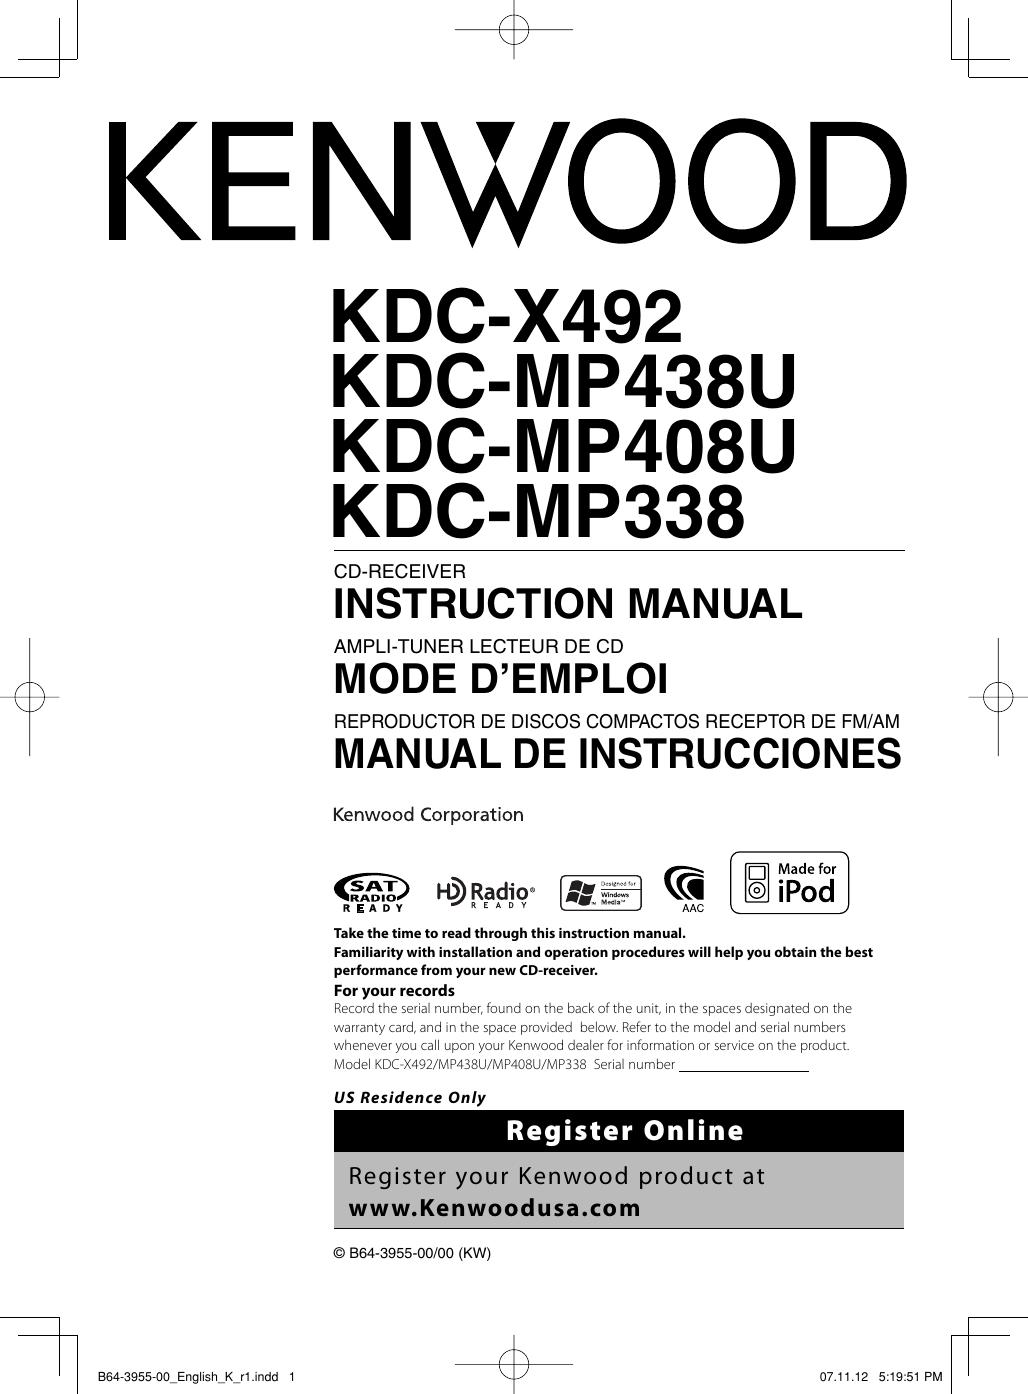 kenwood kdc 138 radio wiring diagram kenwood kdc 138 radio